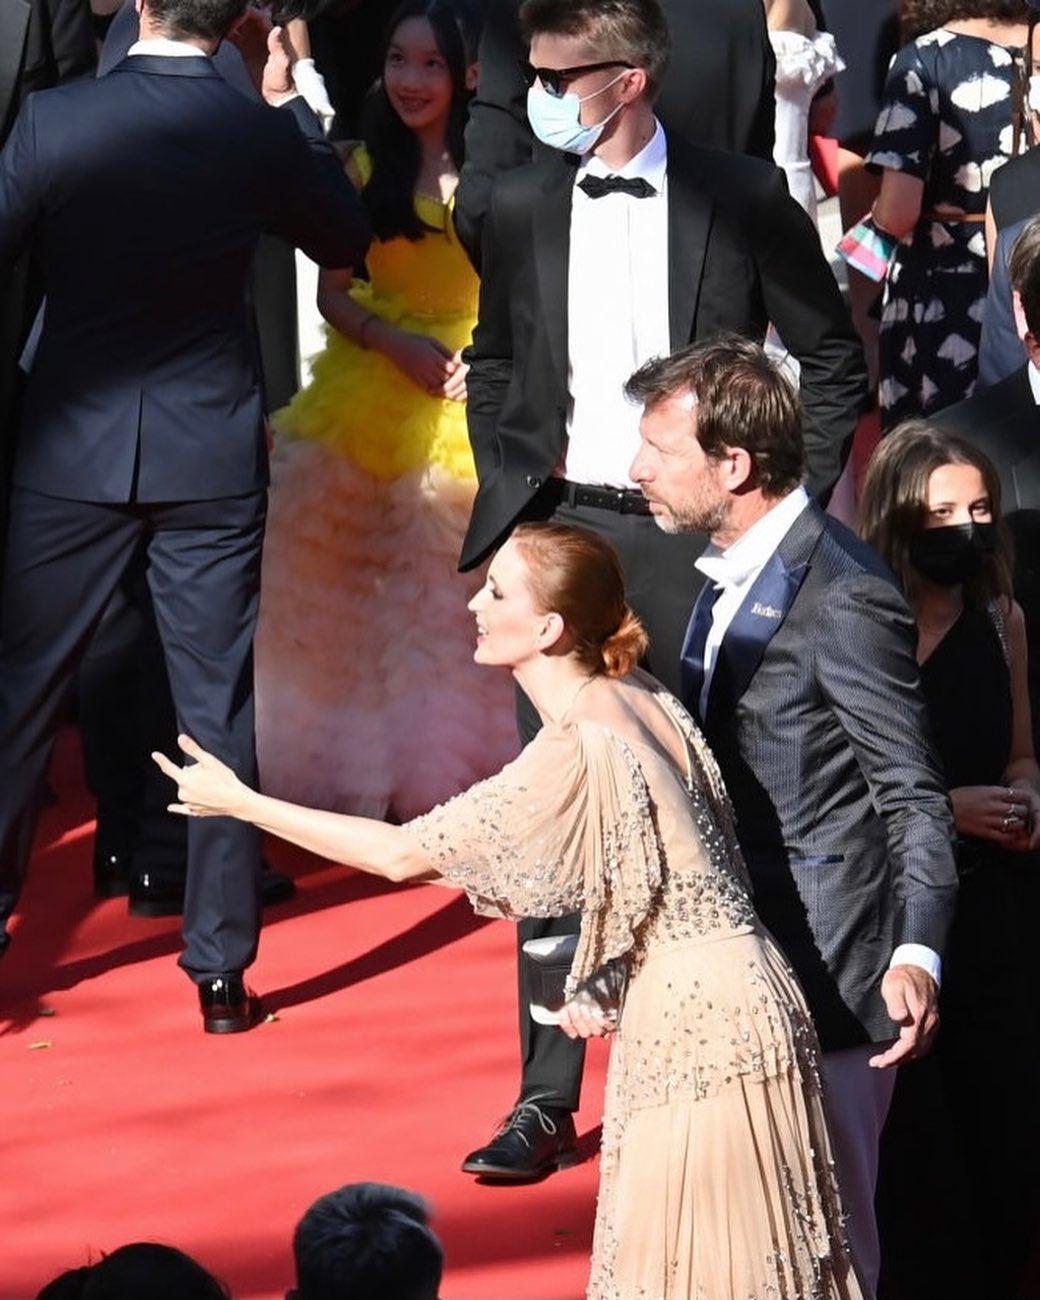 Актриса Агата Максимова на красной ковровой дорожке Каннского кинофестиваля в компании своего нового молодого человека - основателя Forbes Франция